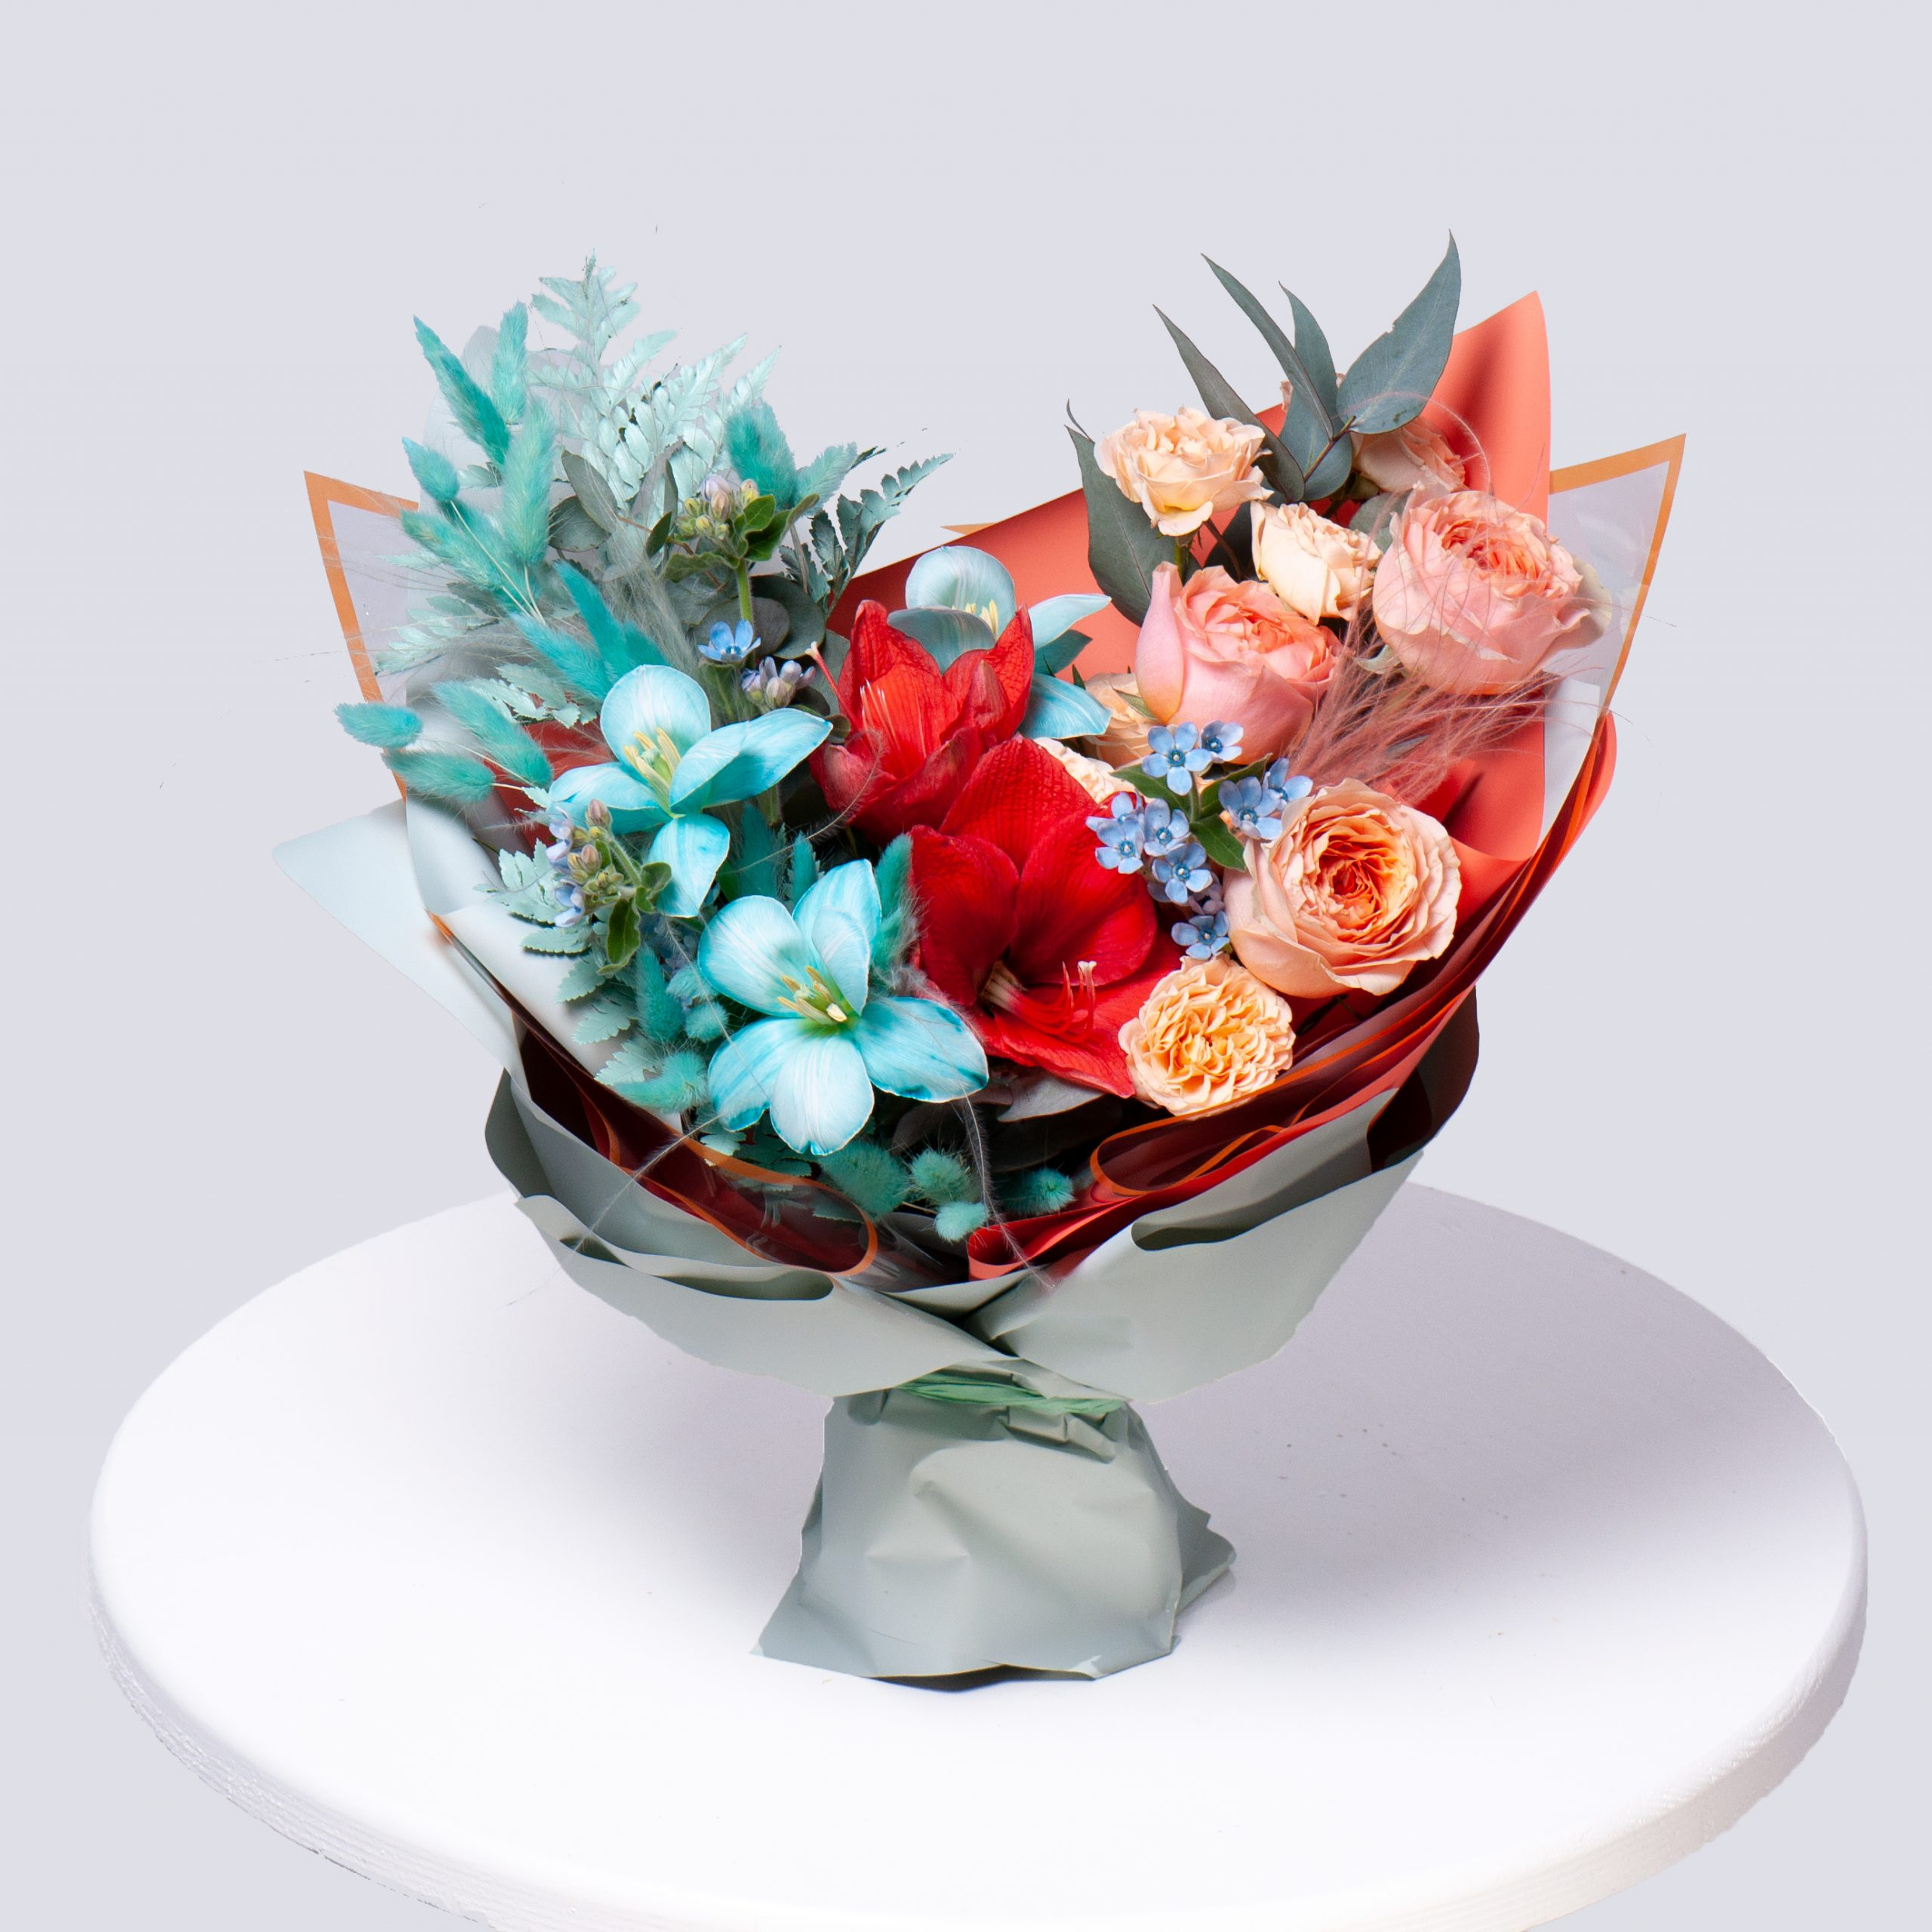 Букет в красно-голубой гамме №59 - купить цветы в Санкт Петербурге